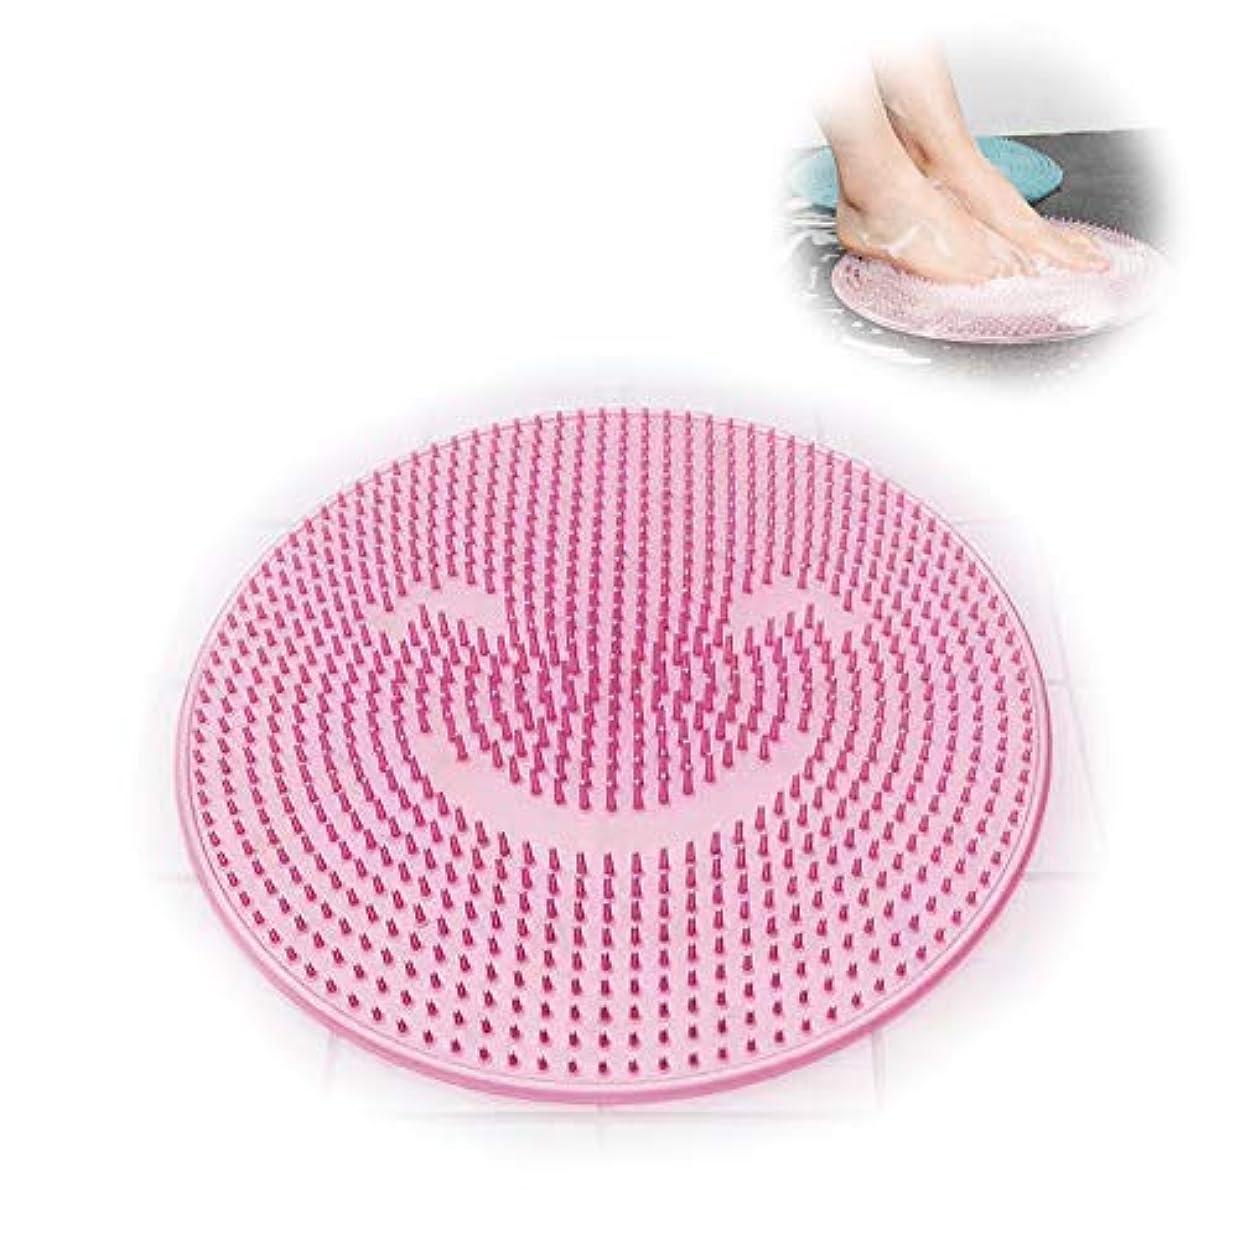 学習参加する痴漢SHOOTING 足洗い用 バスマット 足洗いマット フット 汚れ角質除去 ストレス解消 (ピンク)